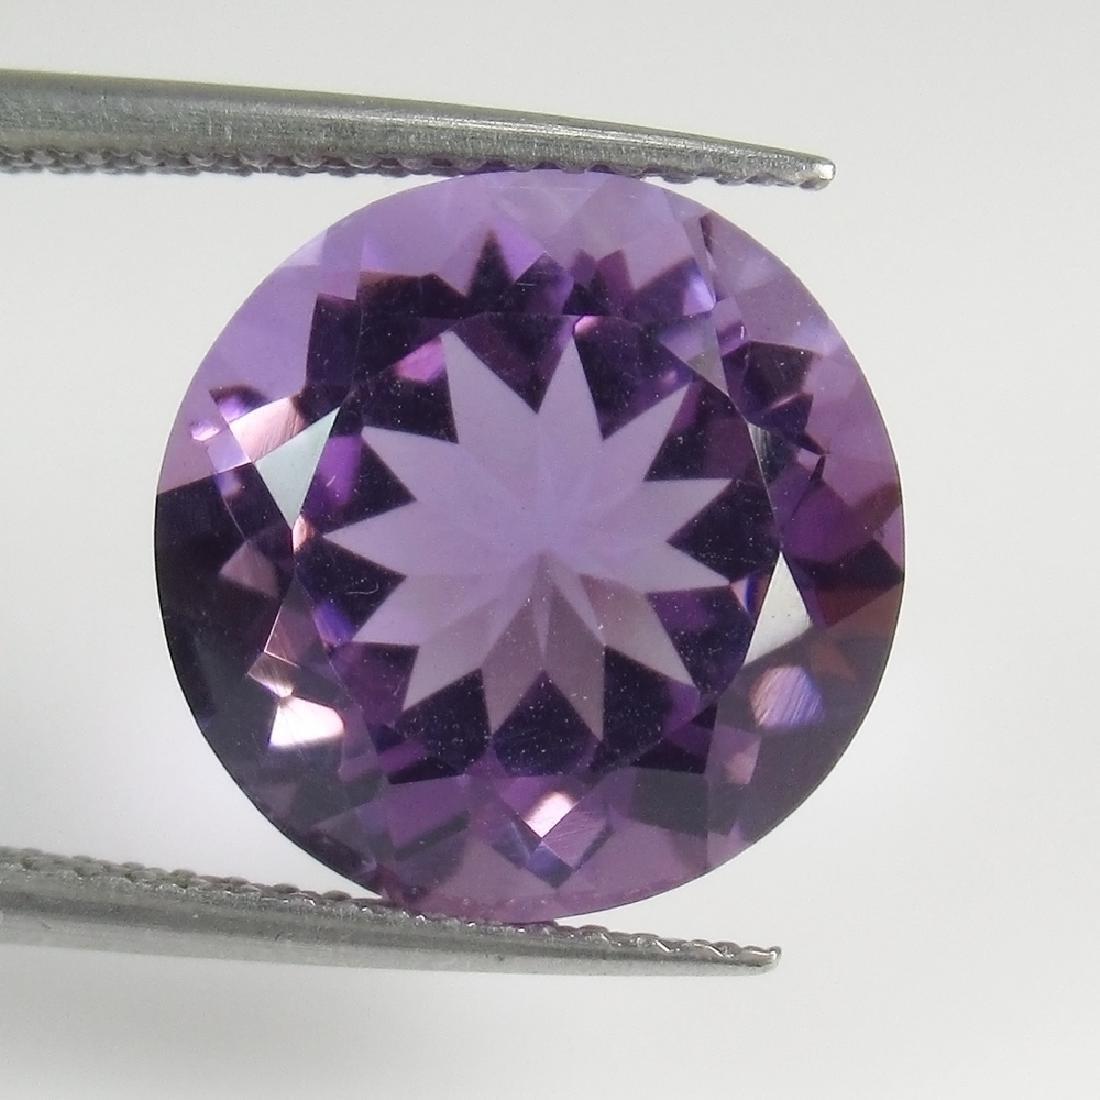 6.39 Ct Genuine Brazil Purple Amethyst 12X12 mm Round